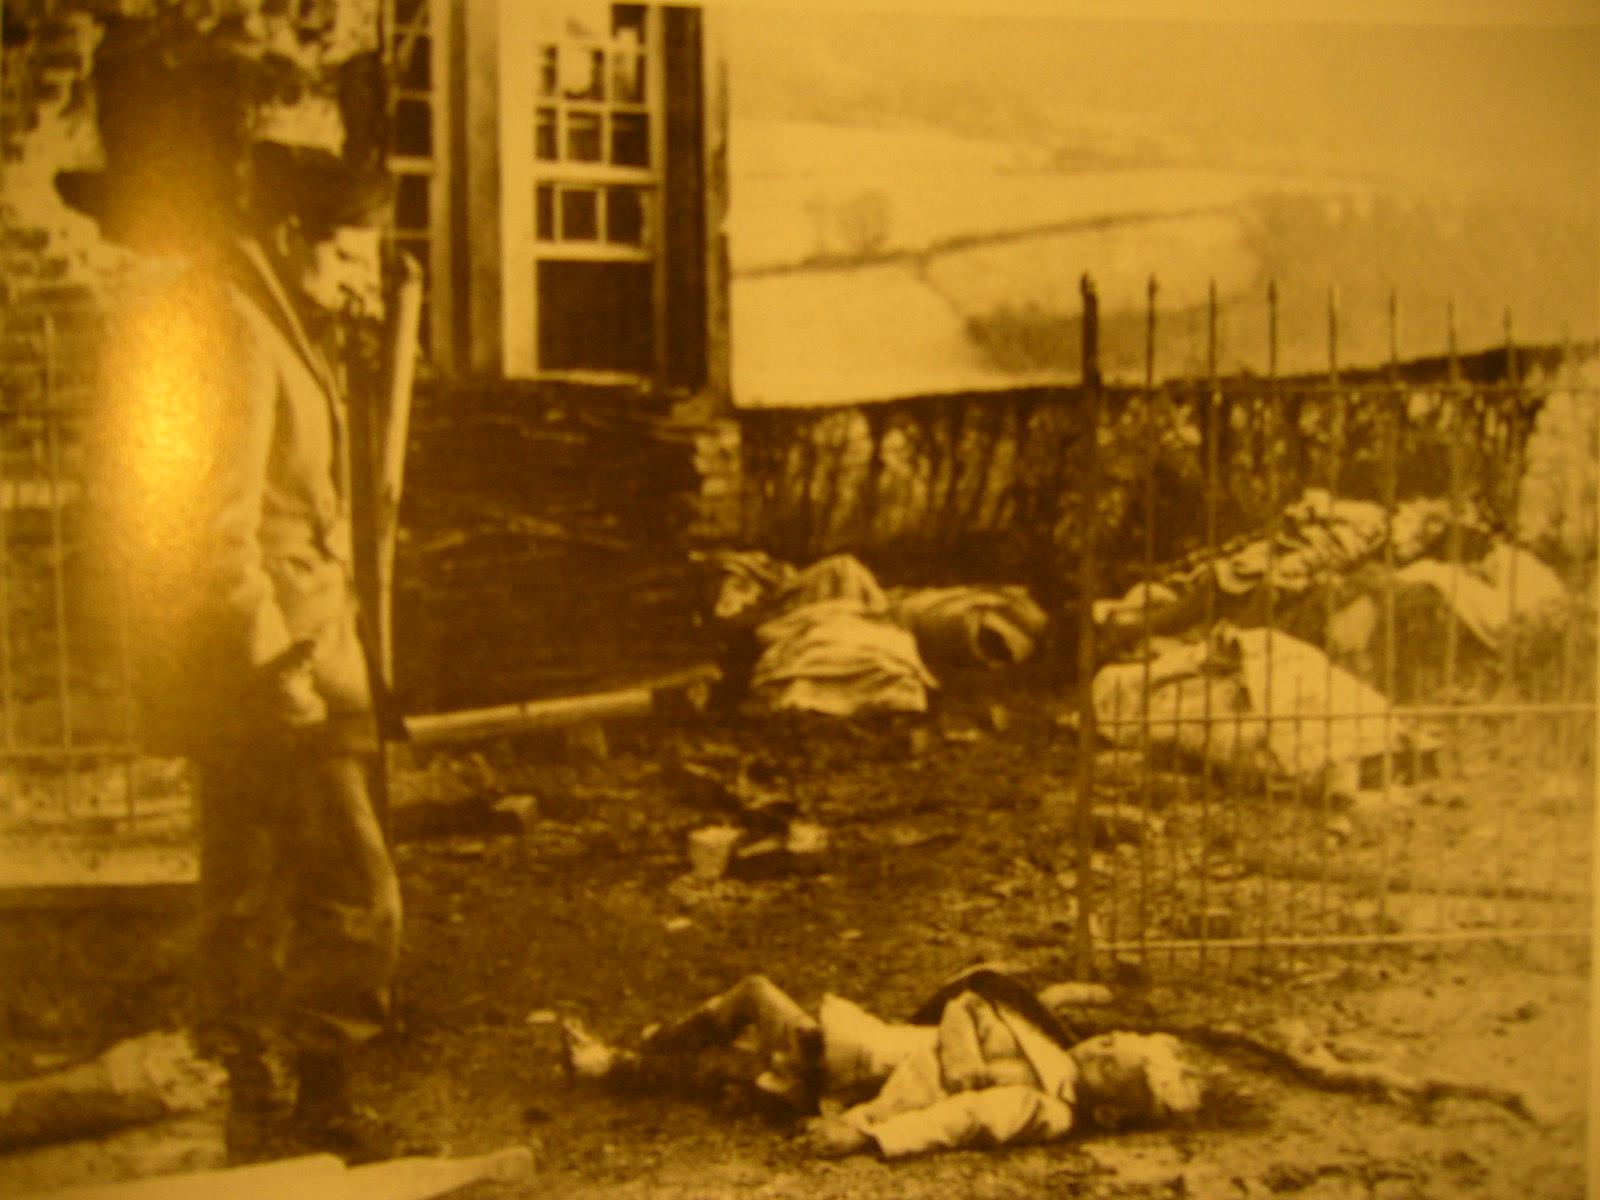 Fotografias increibles de la Segunda Guerra Mundial 4149538p1100015